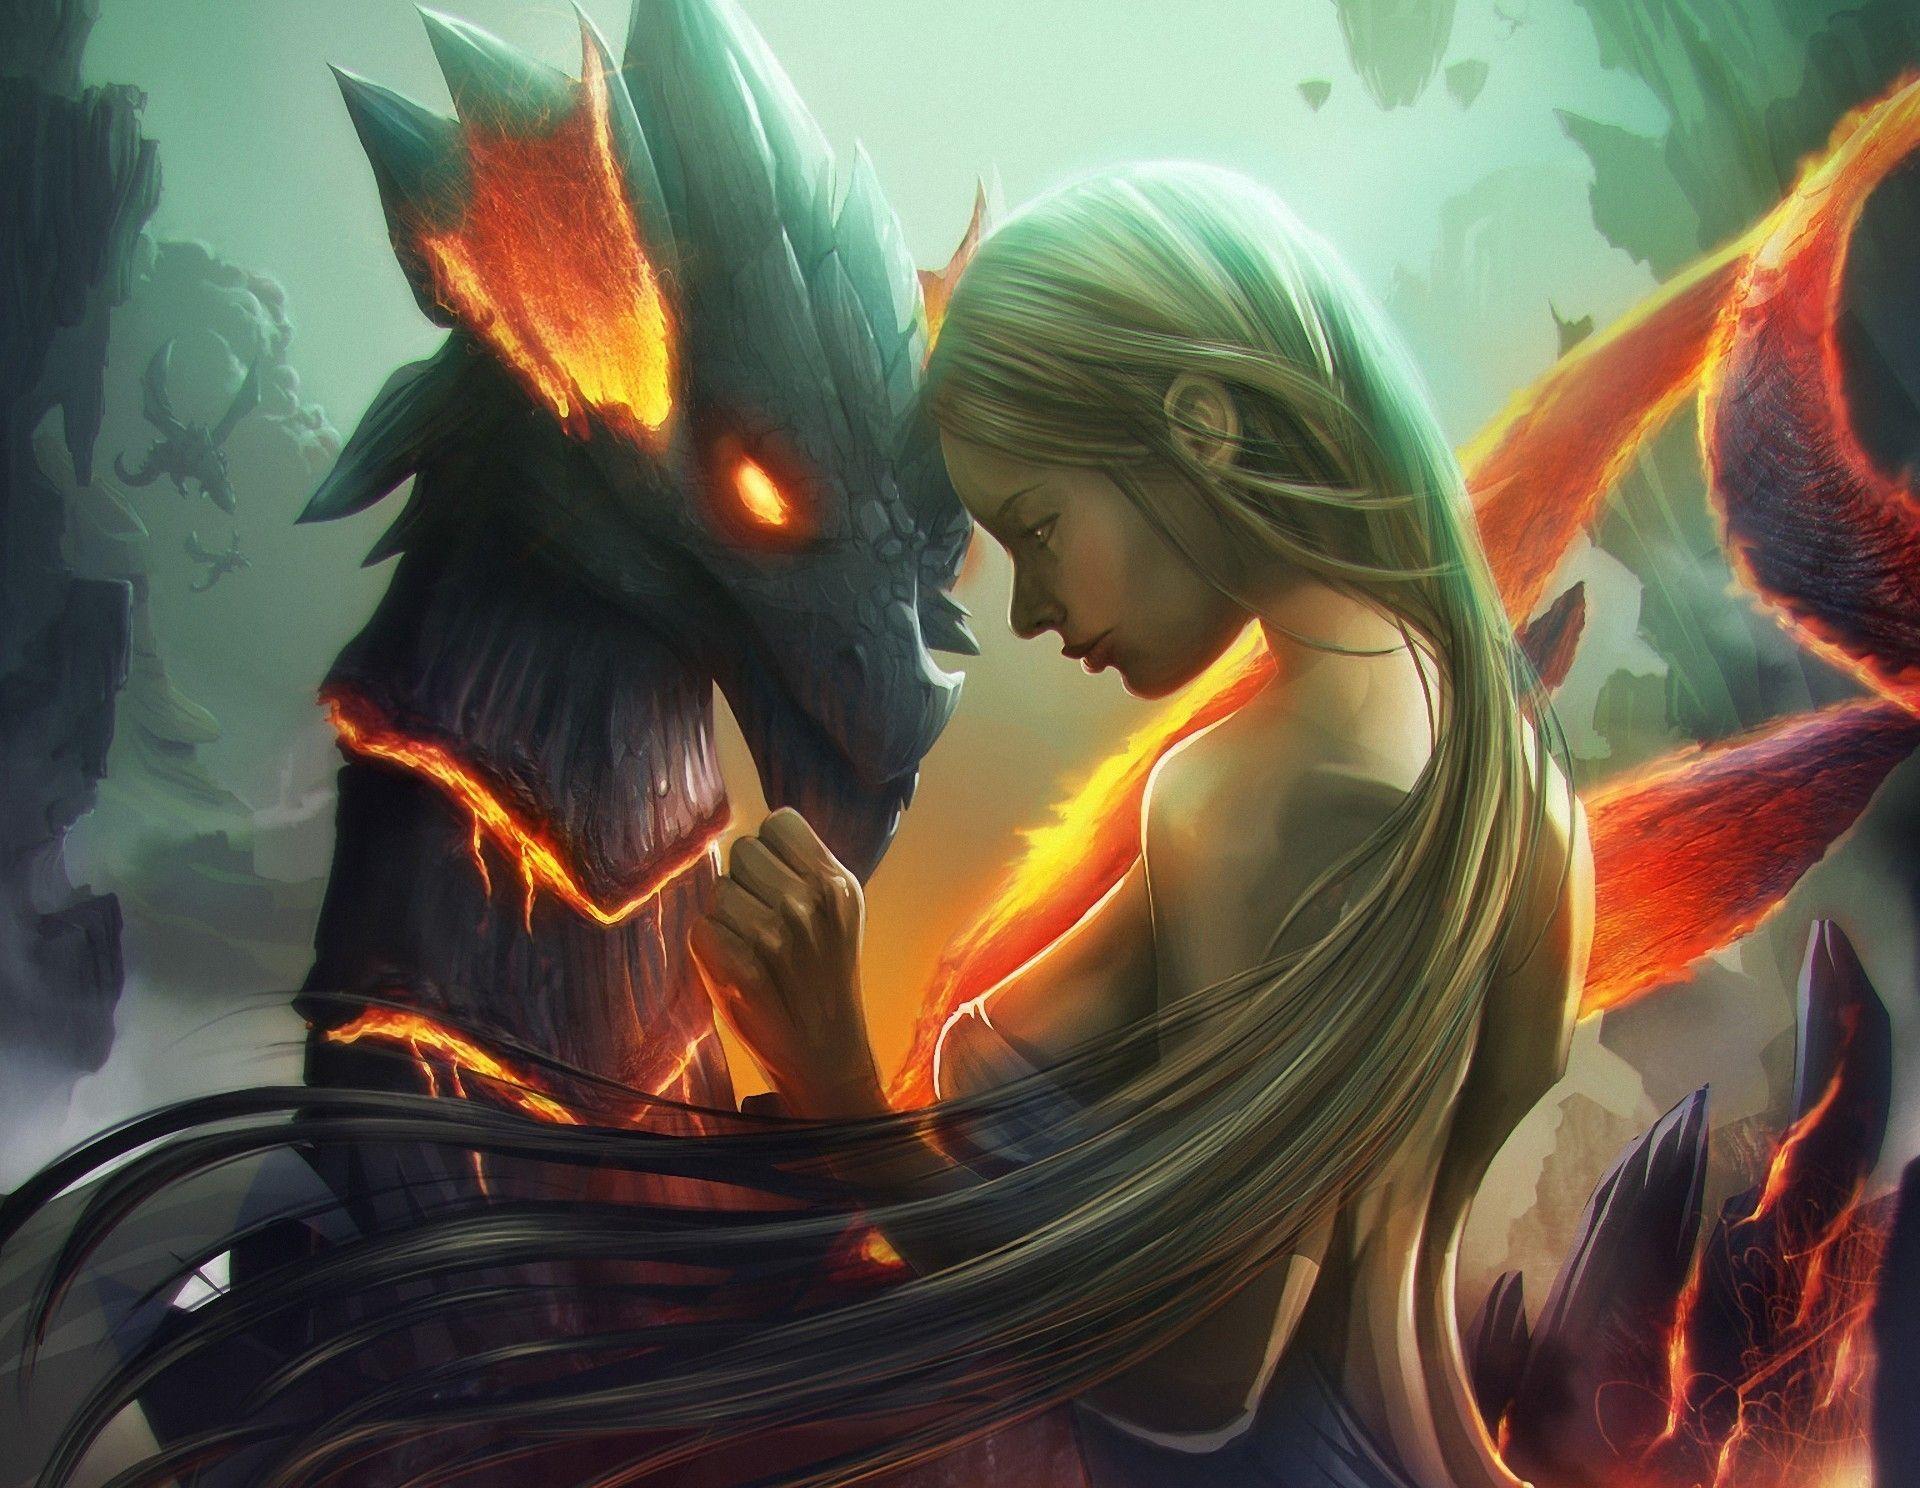 dragon and girl art